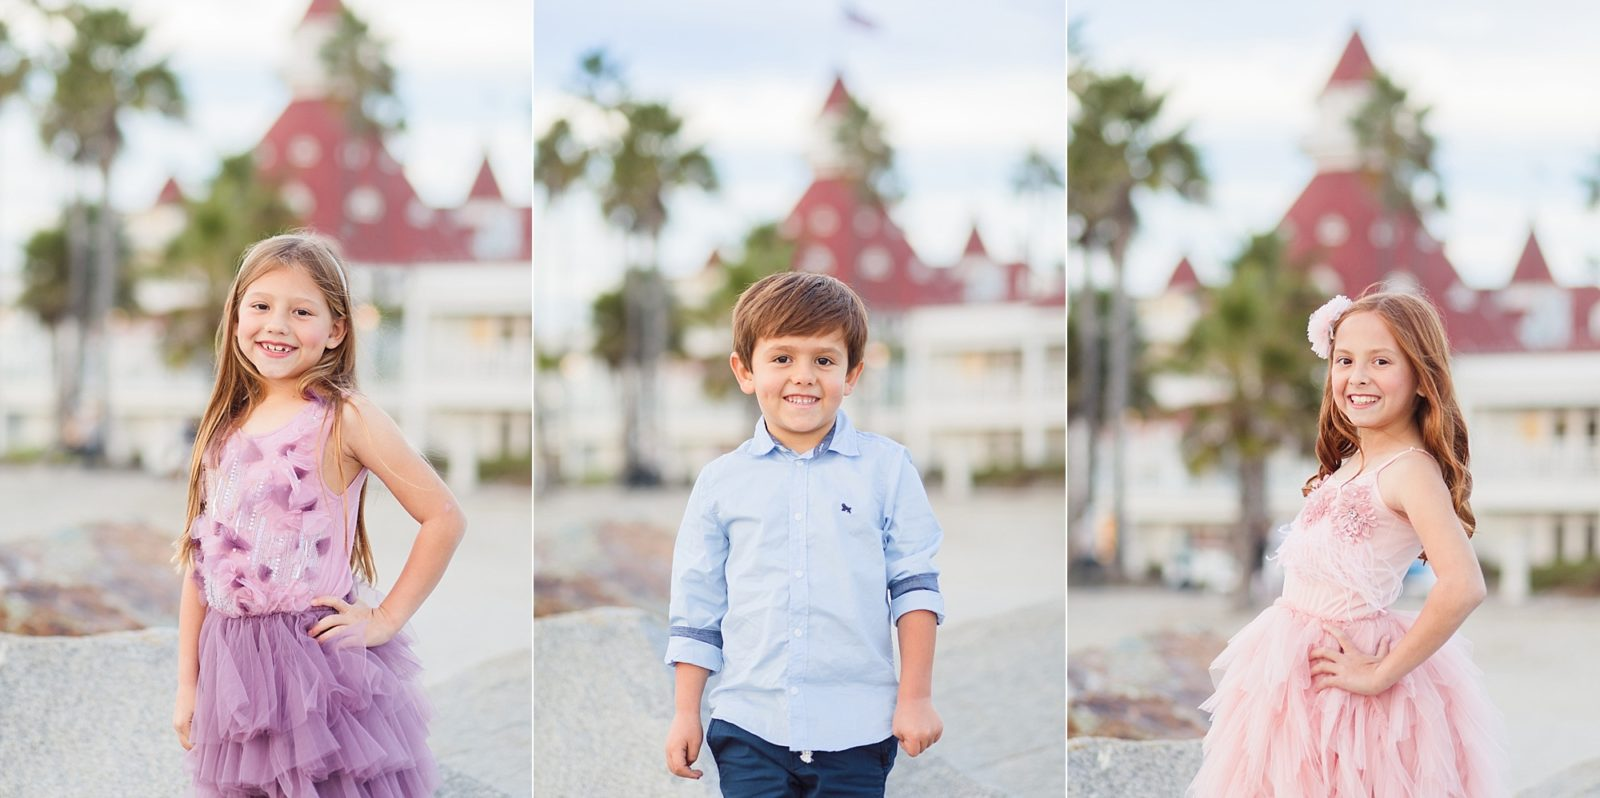 Child Photography in San Diego | Hotel del Coronado Photos